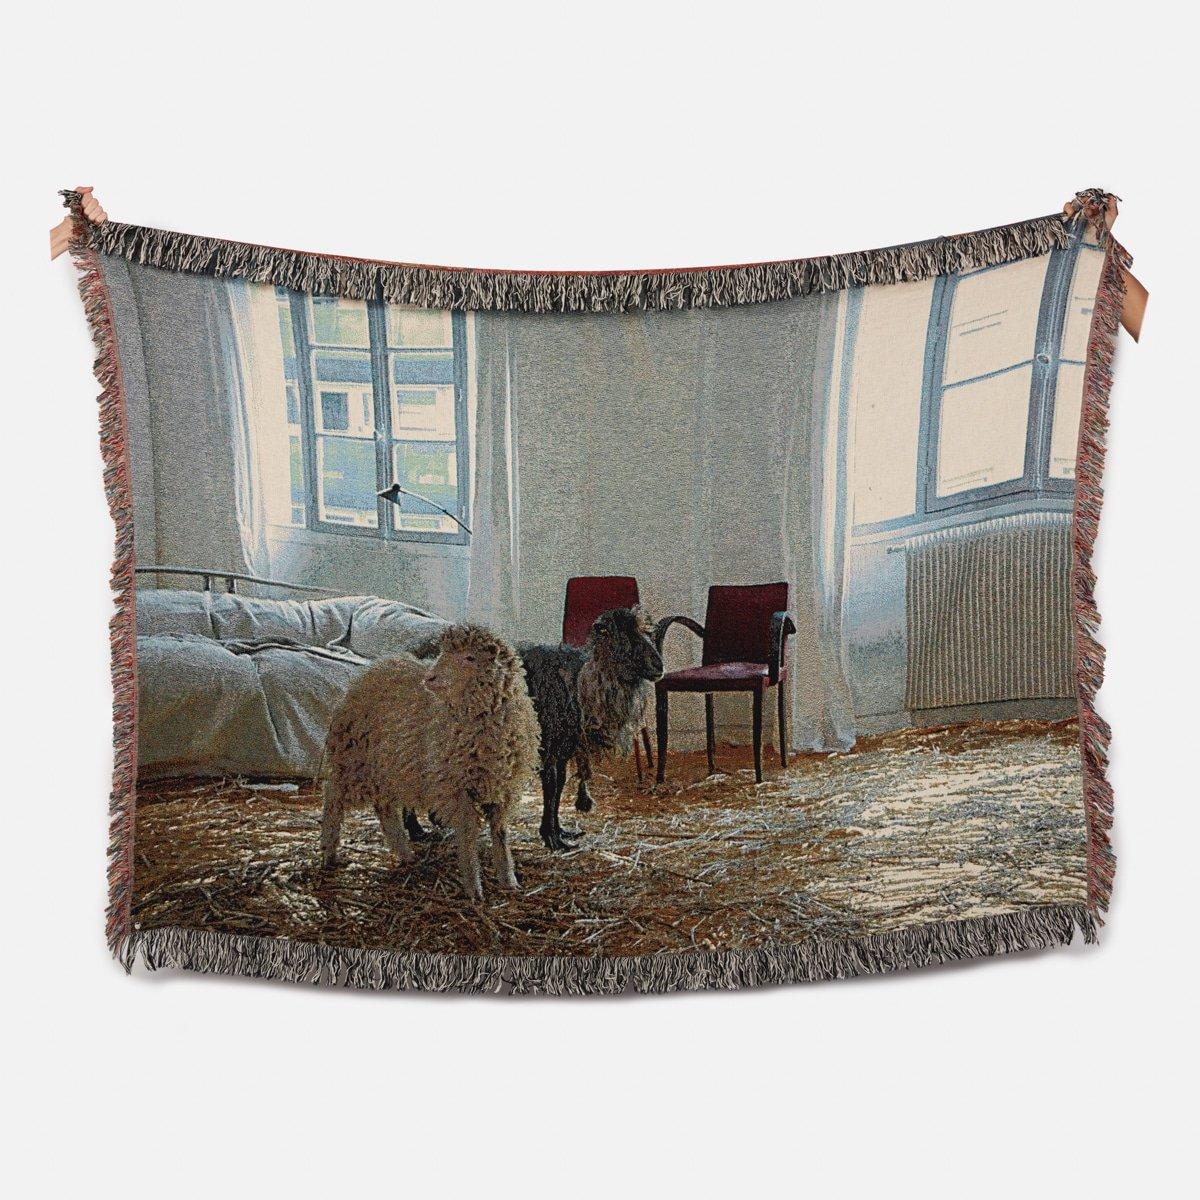 Bless Sheep Blanket